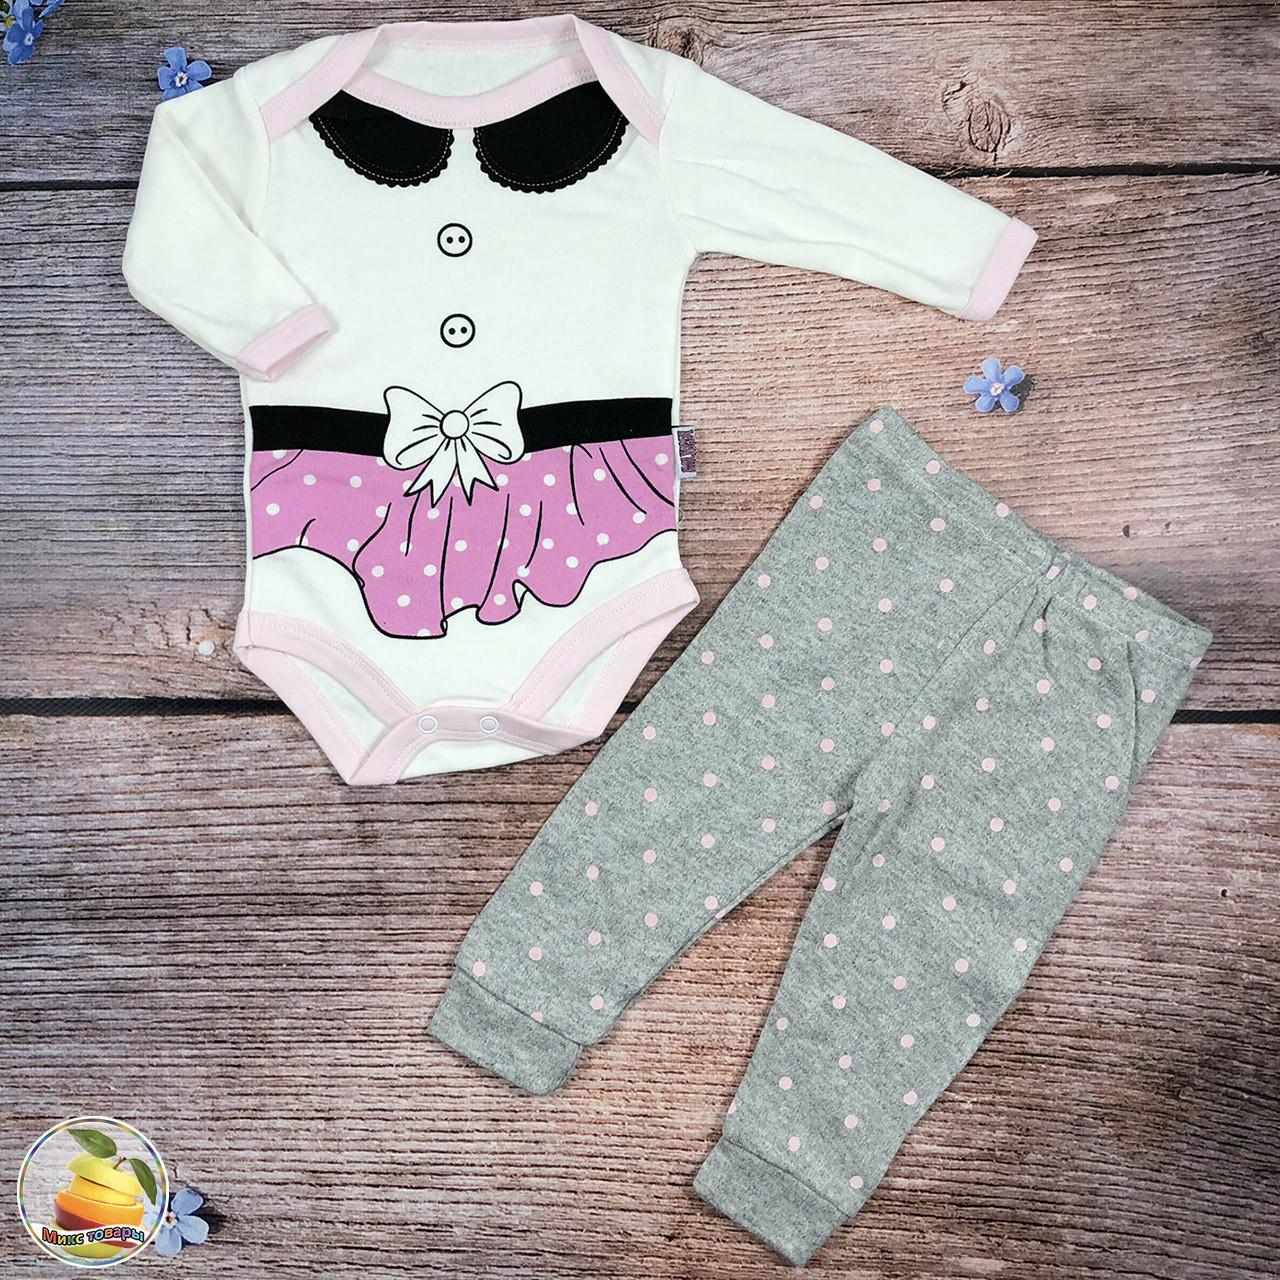 Боди и штанишки для маленькой девочки (Розовый) Размеры: 3,6,9 месяцев (8890-1)